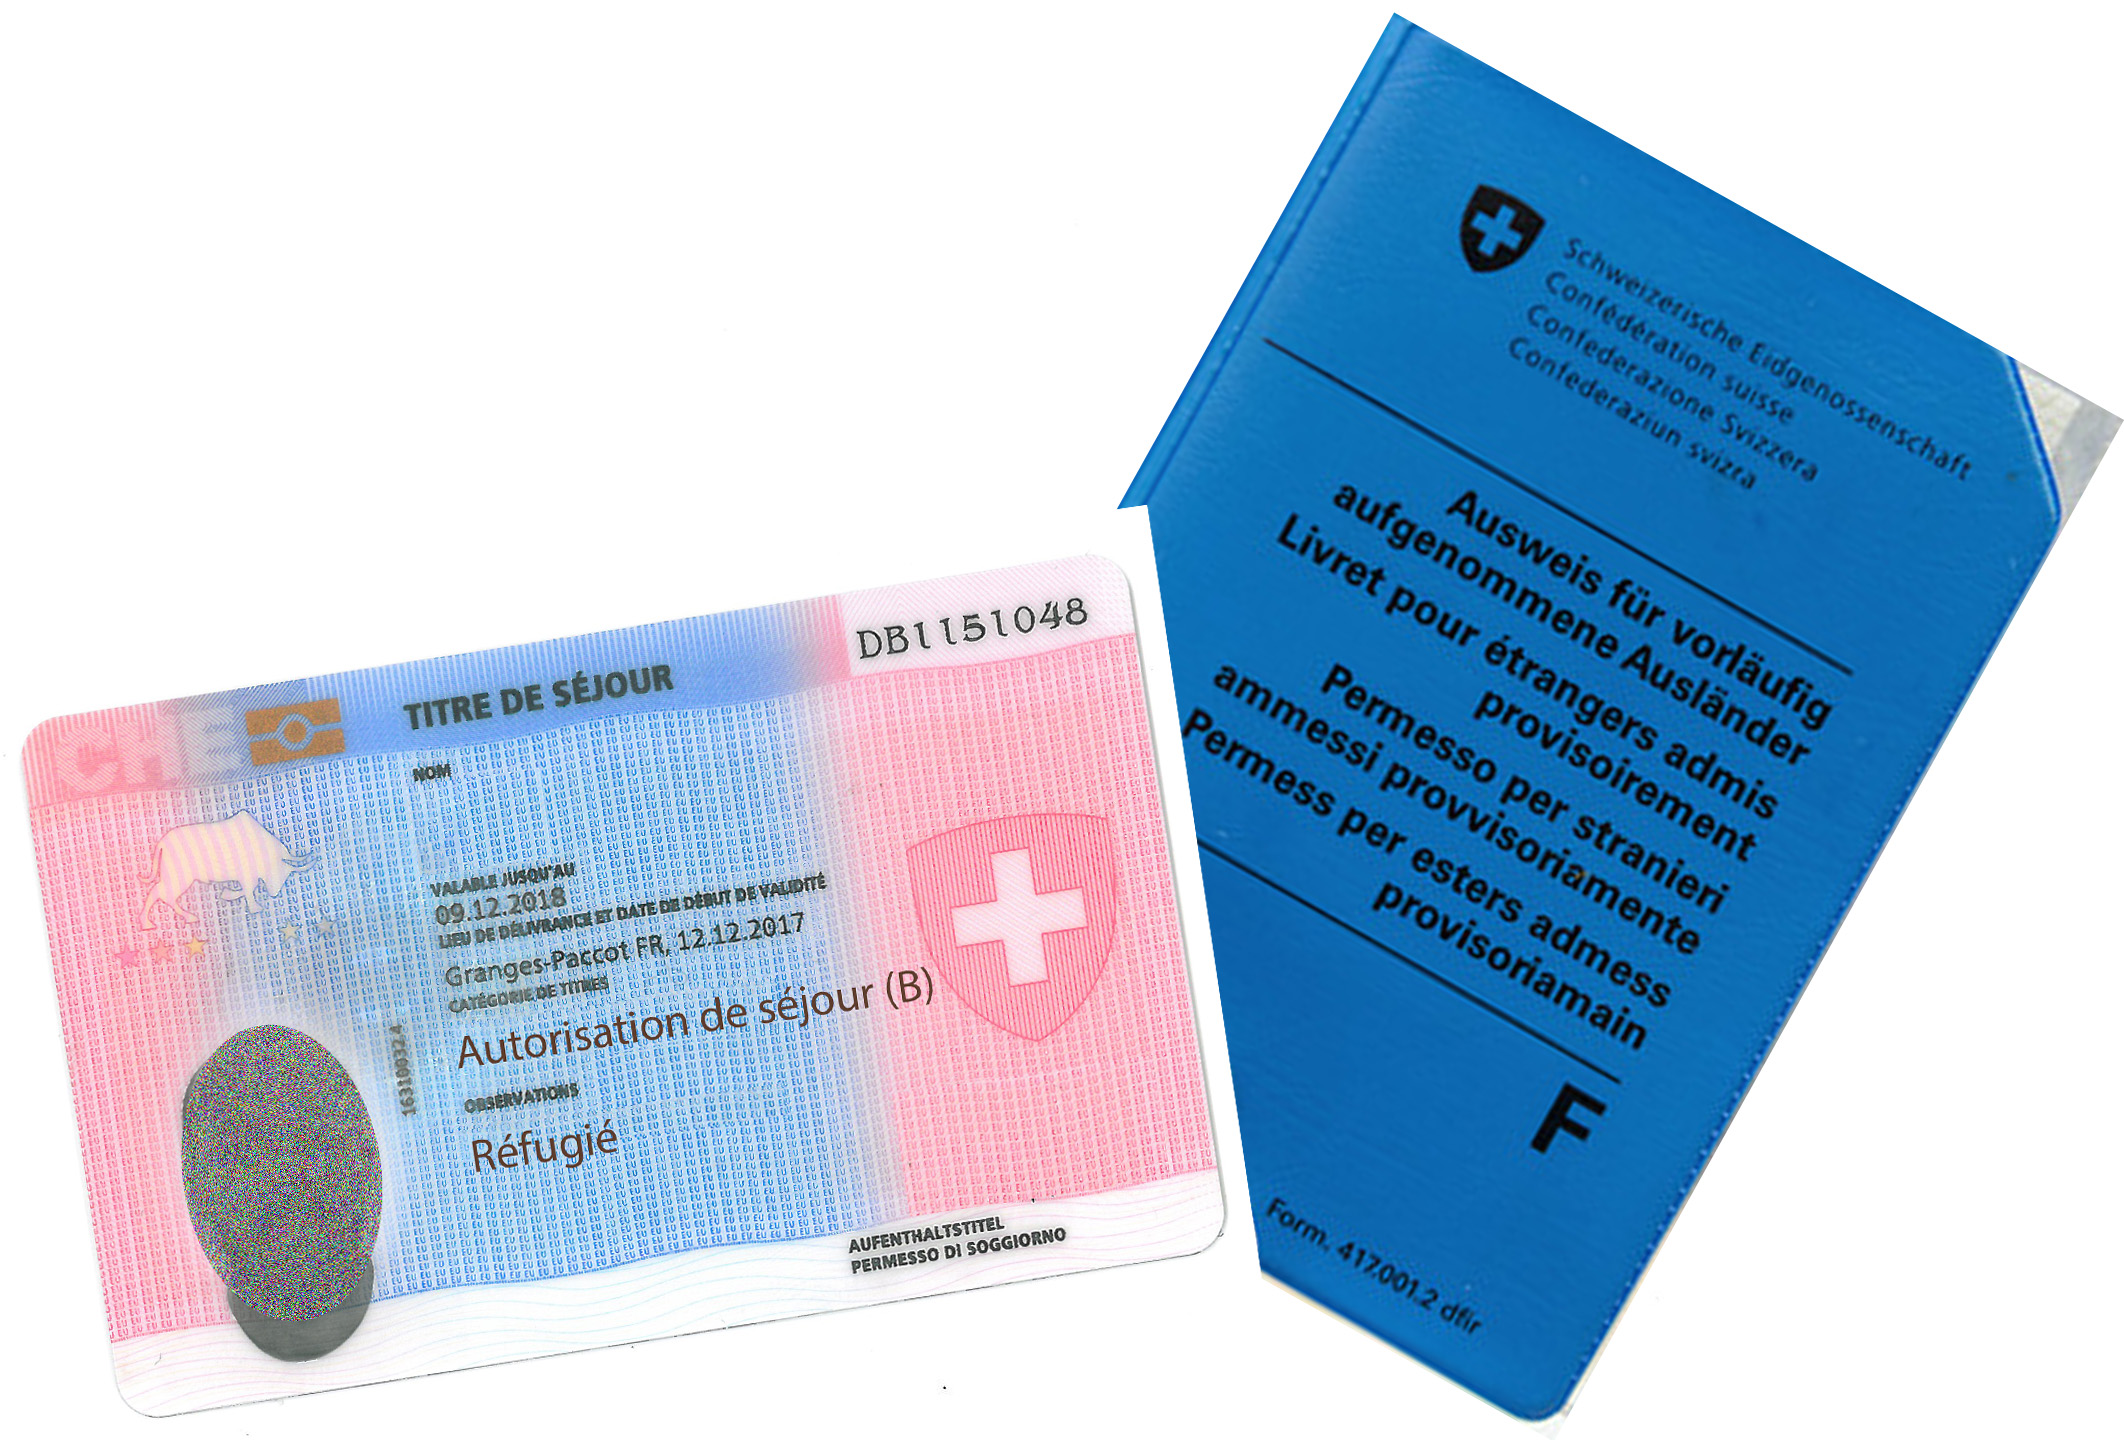 Erwerbstätigkeit von anerkannten Flüchtlingen mit Ausweis B ...